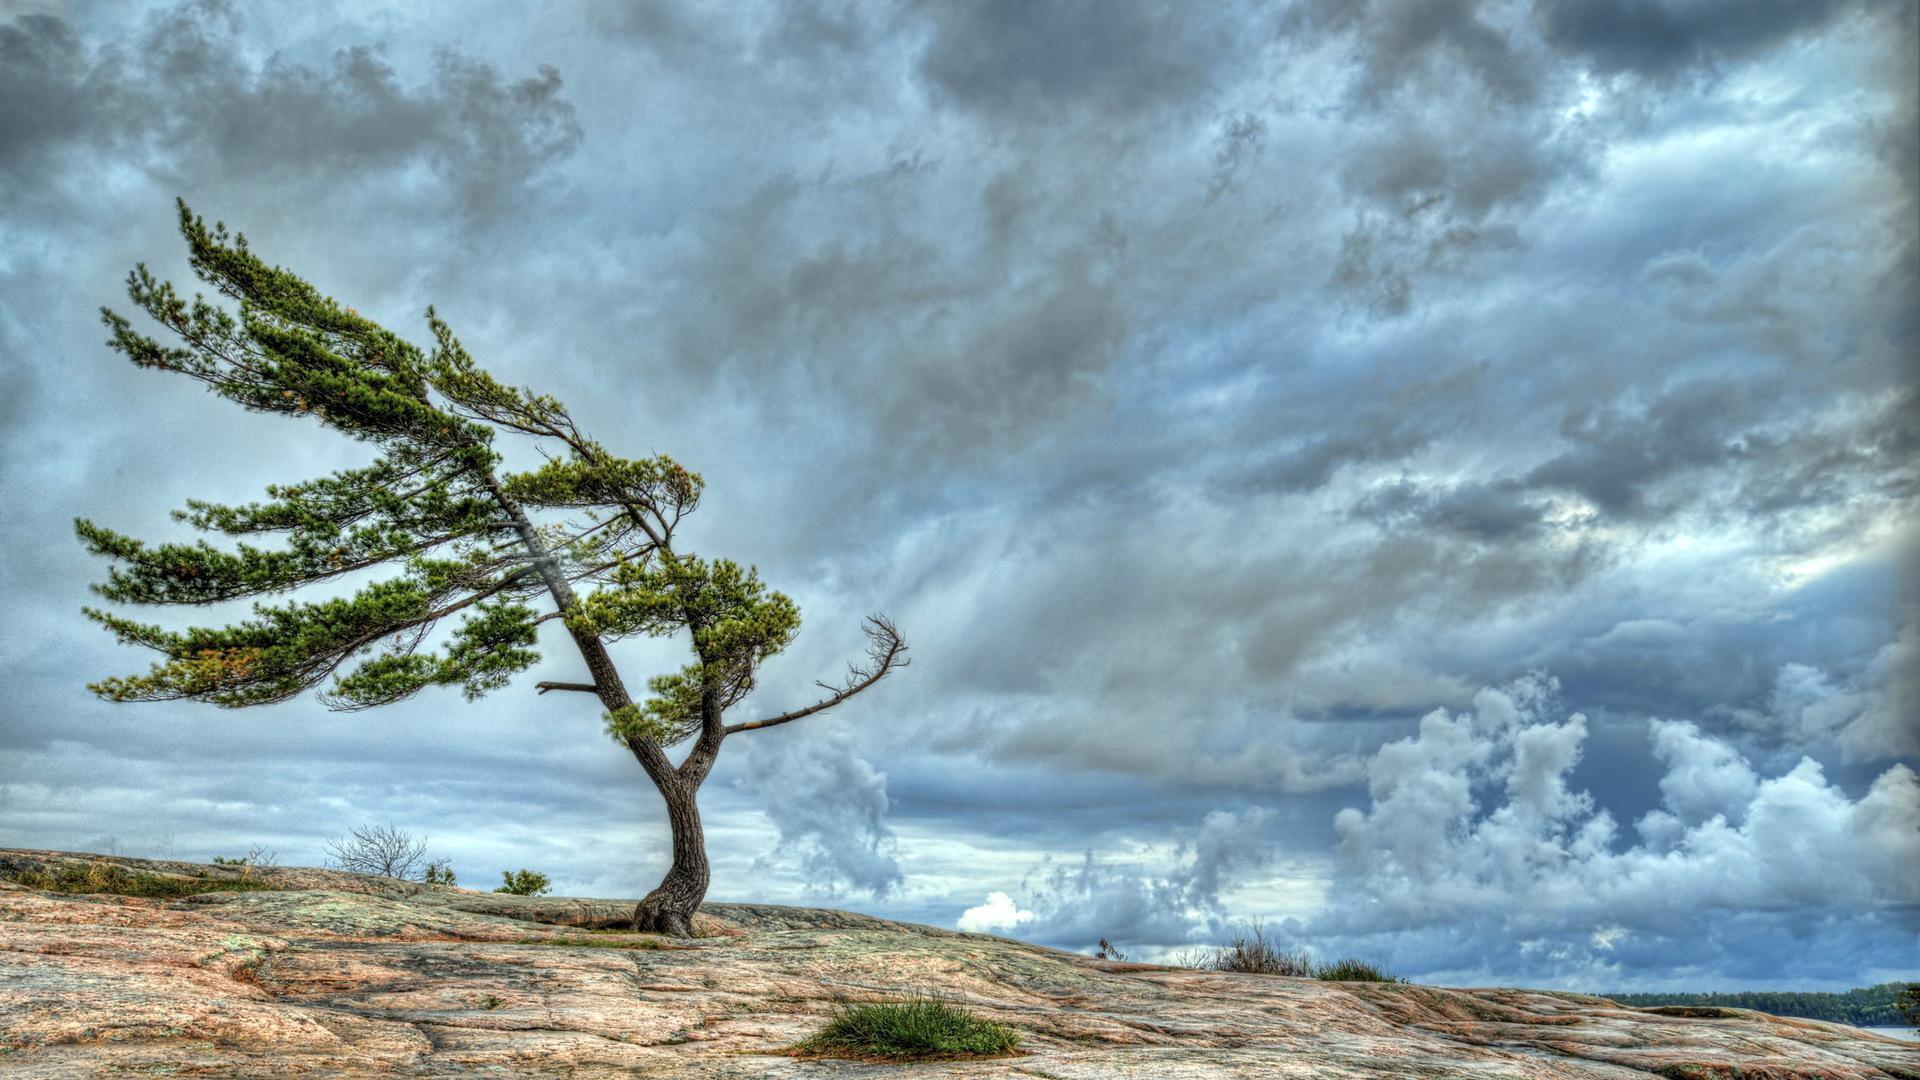 лучшие картинки ветер